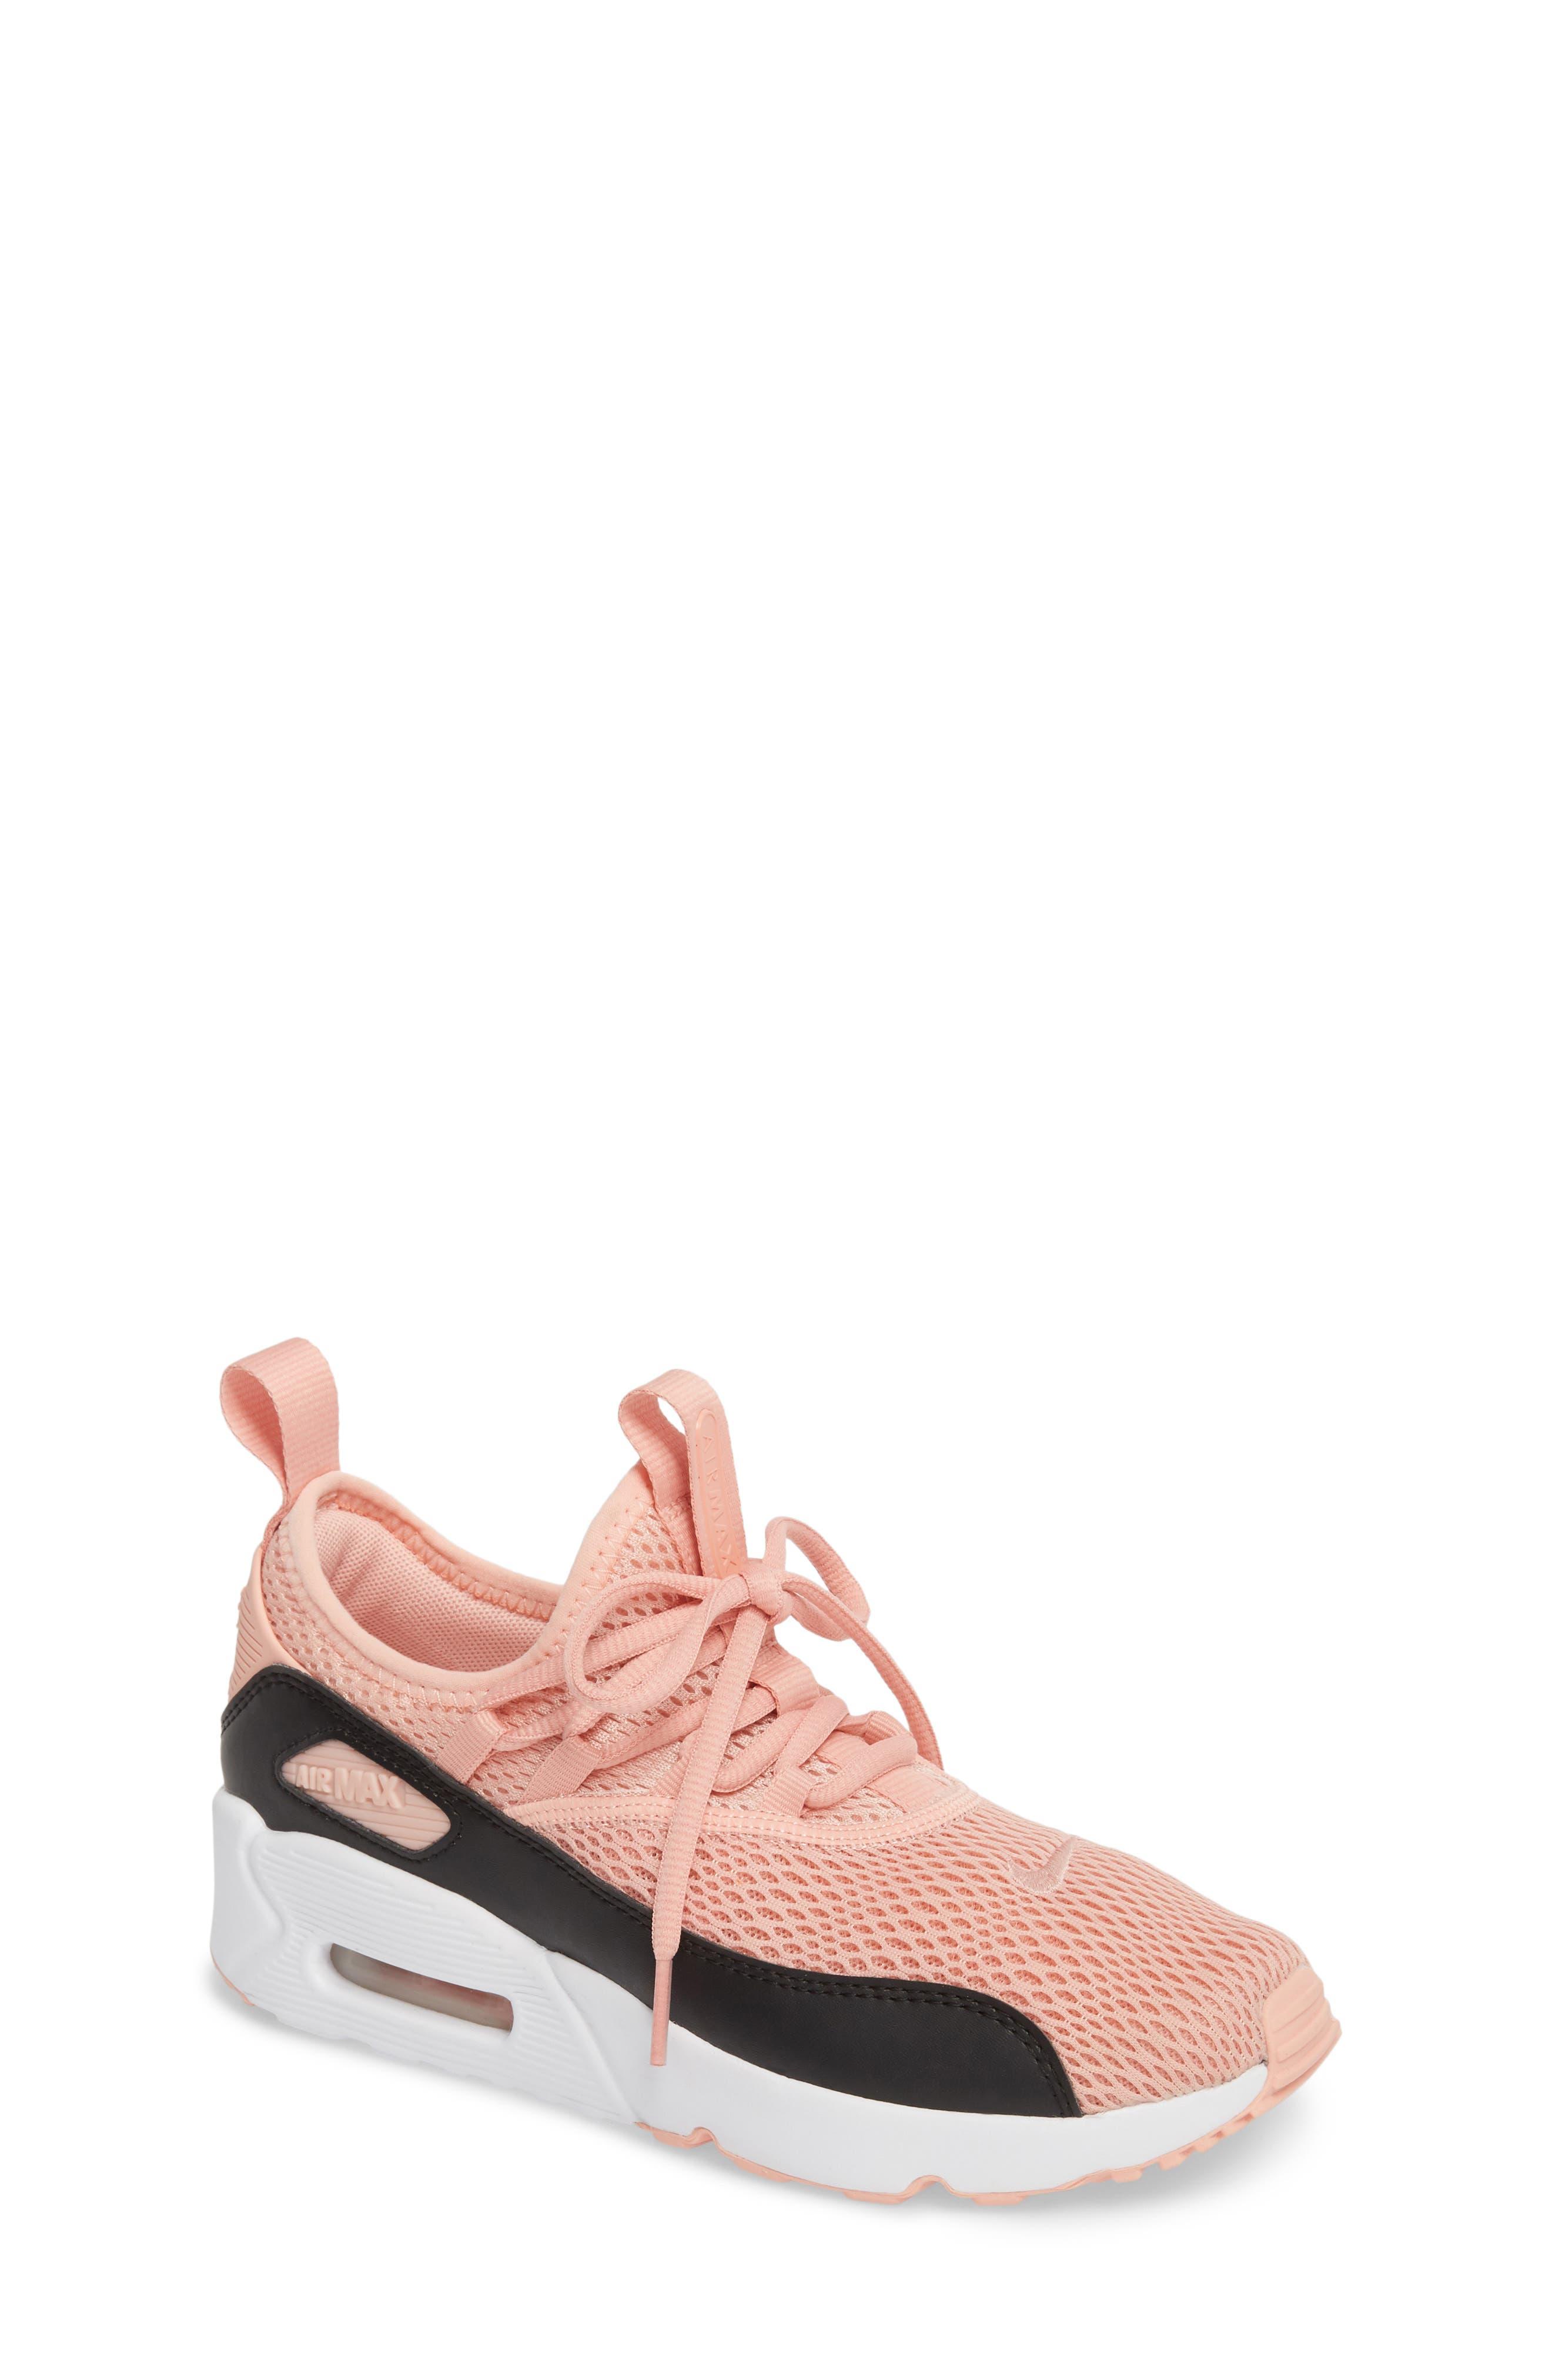 Nike Air Max 90 EZ Sneaker (Big Kid)